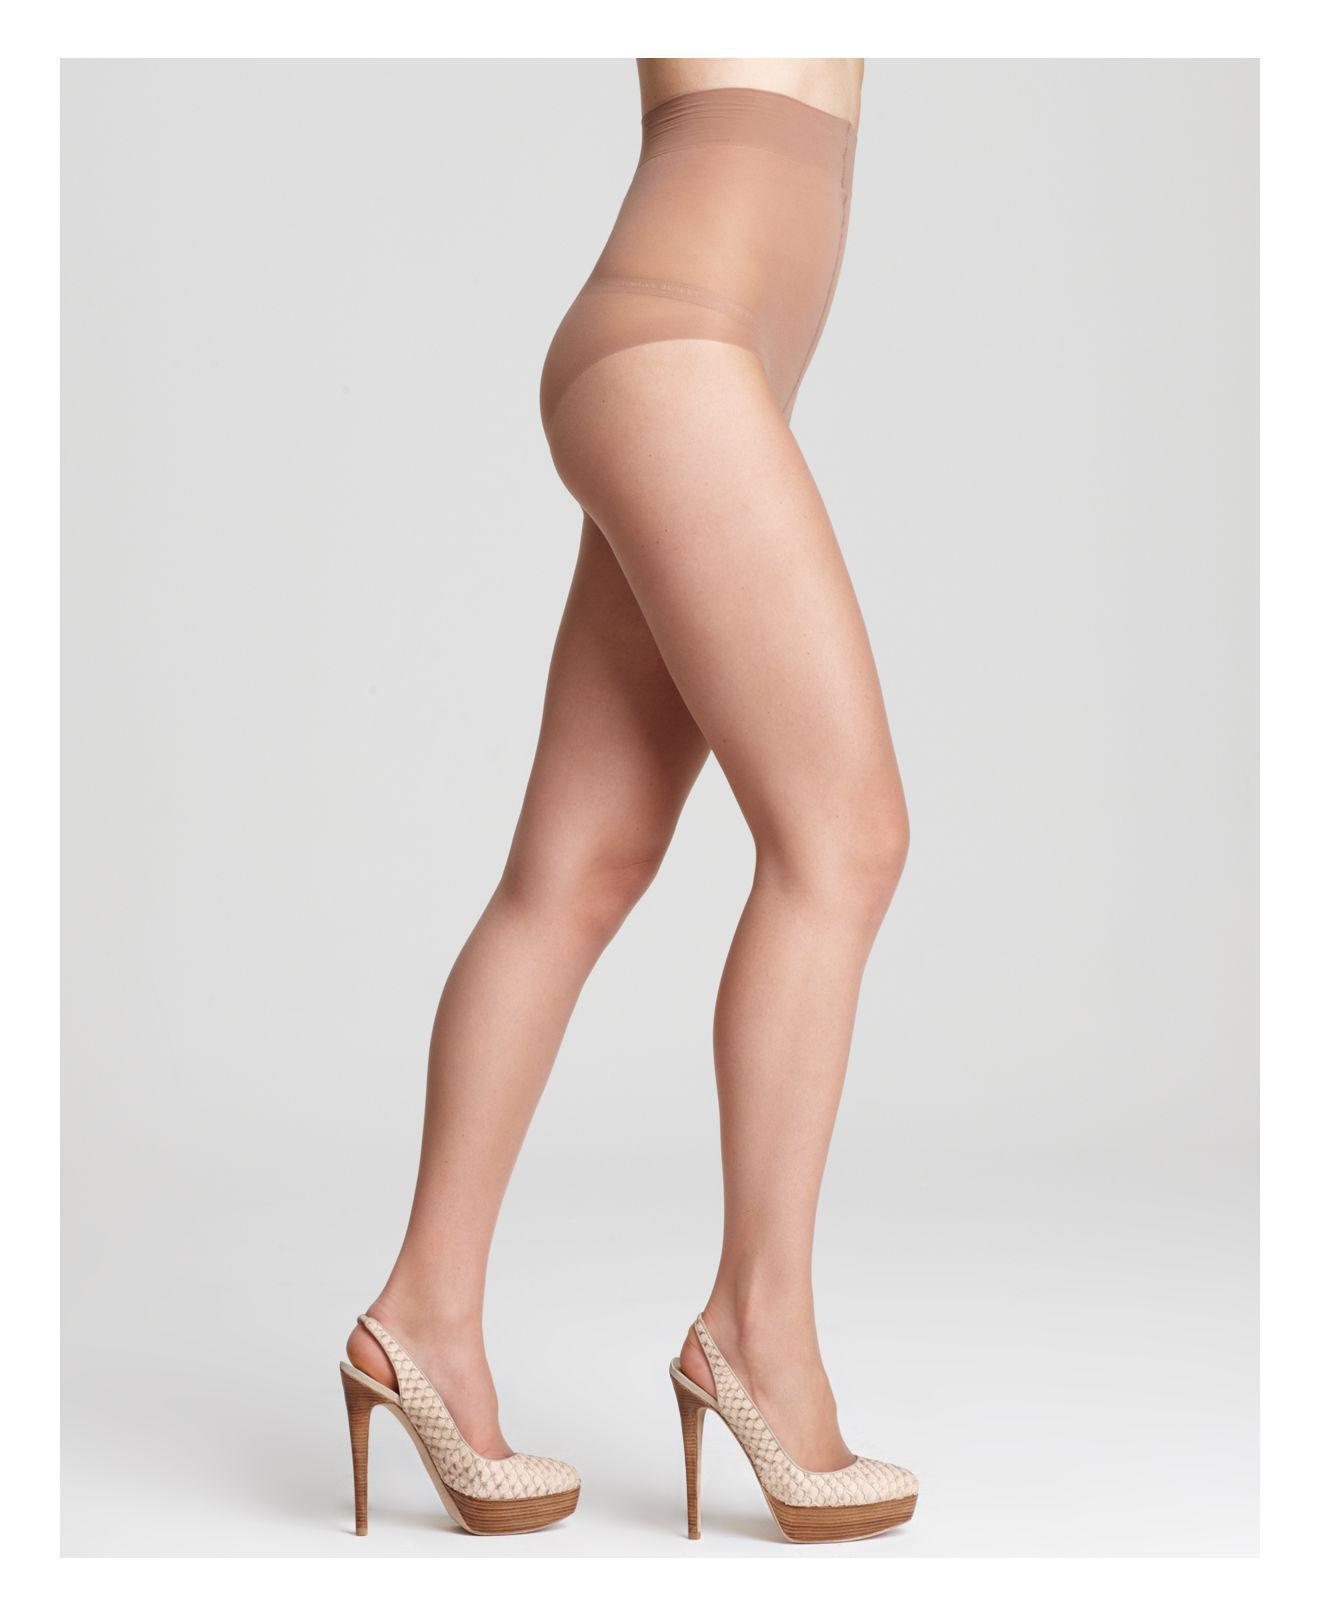 donna karan discontinued pantyhose